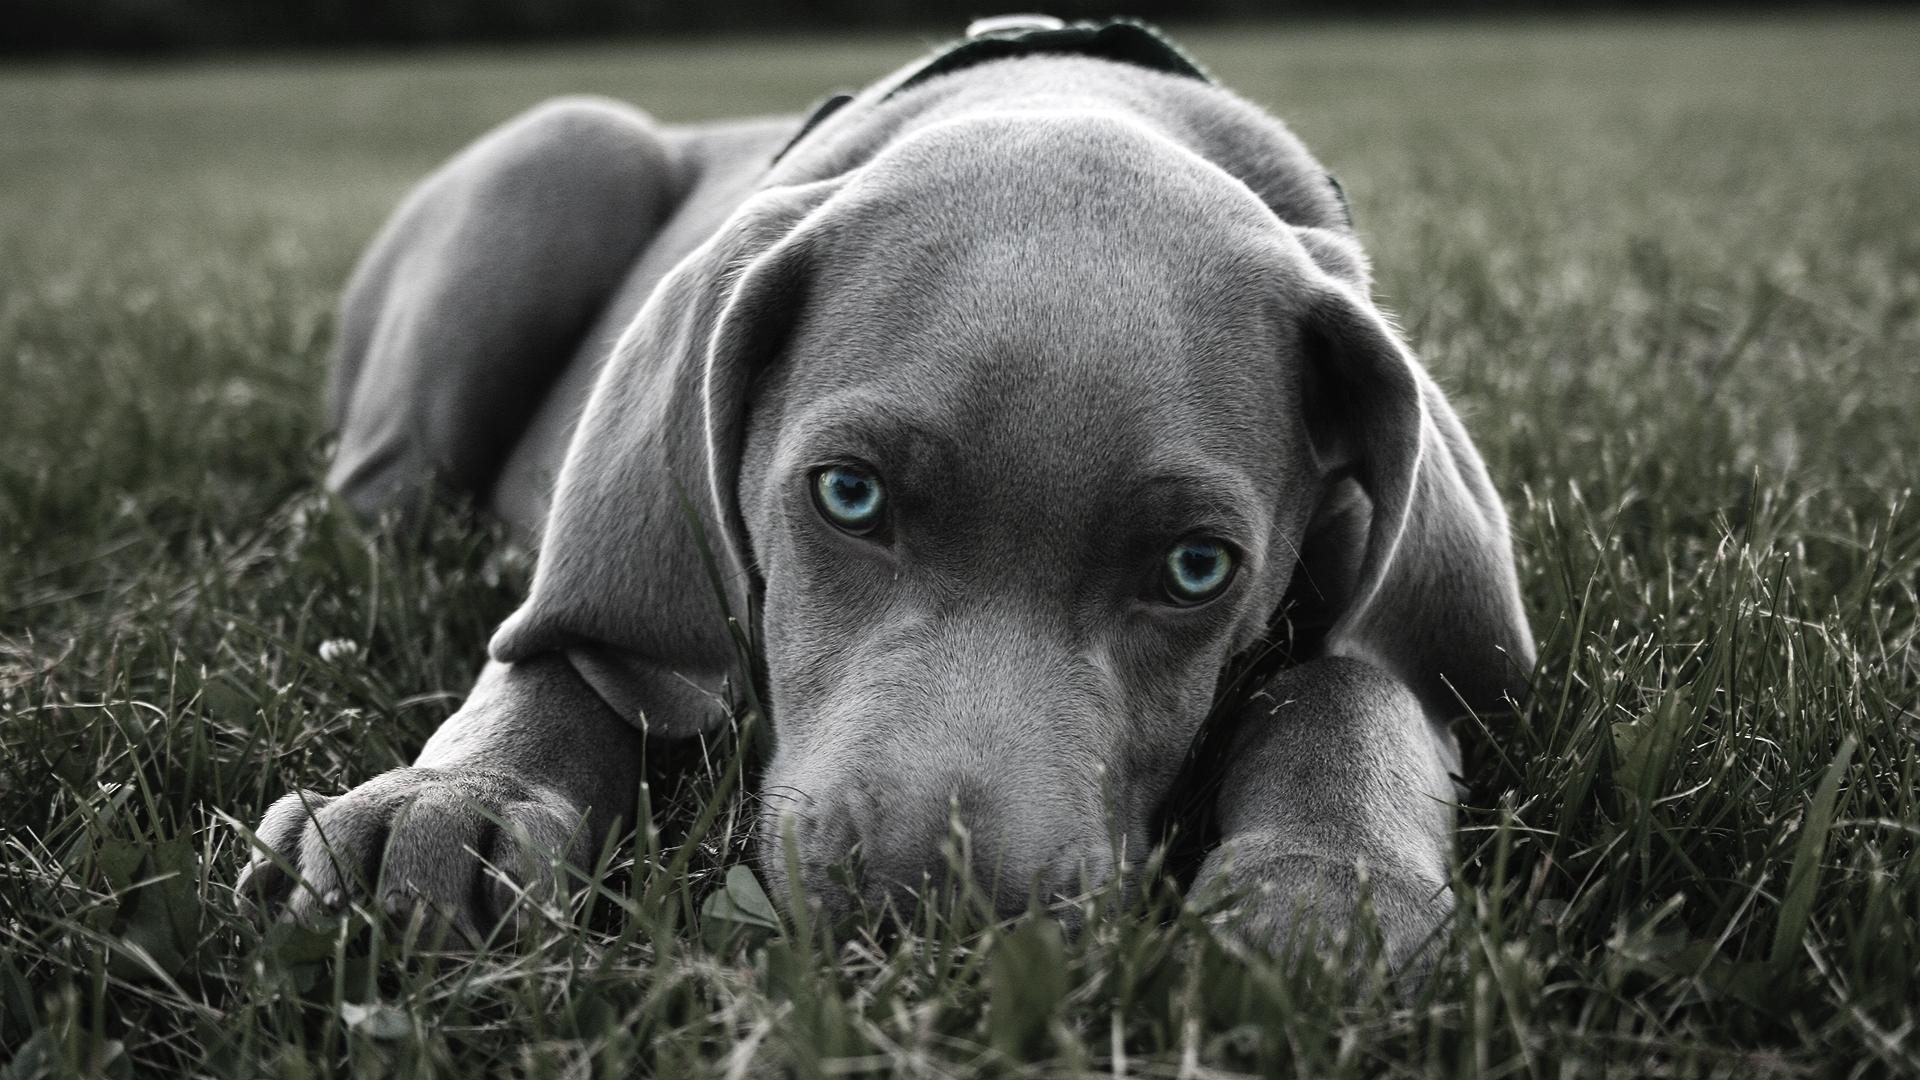 Скачать картинку Собаки, Животные в телефон бесплатно.